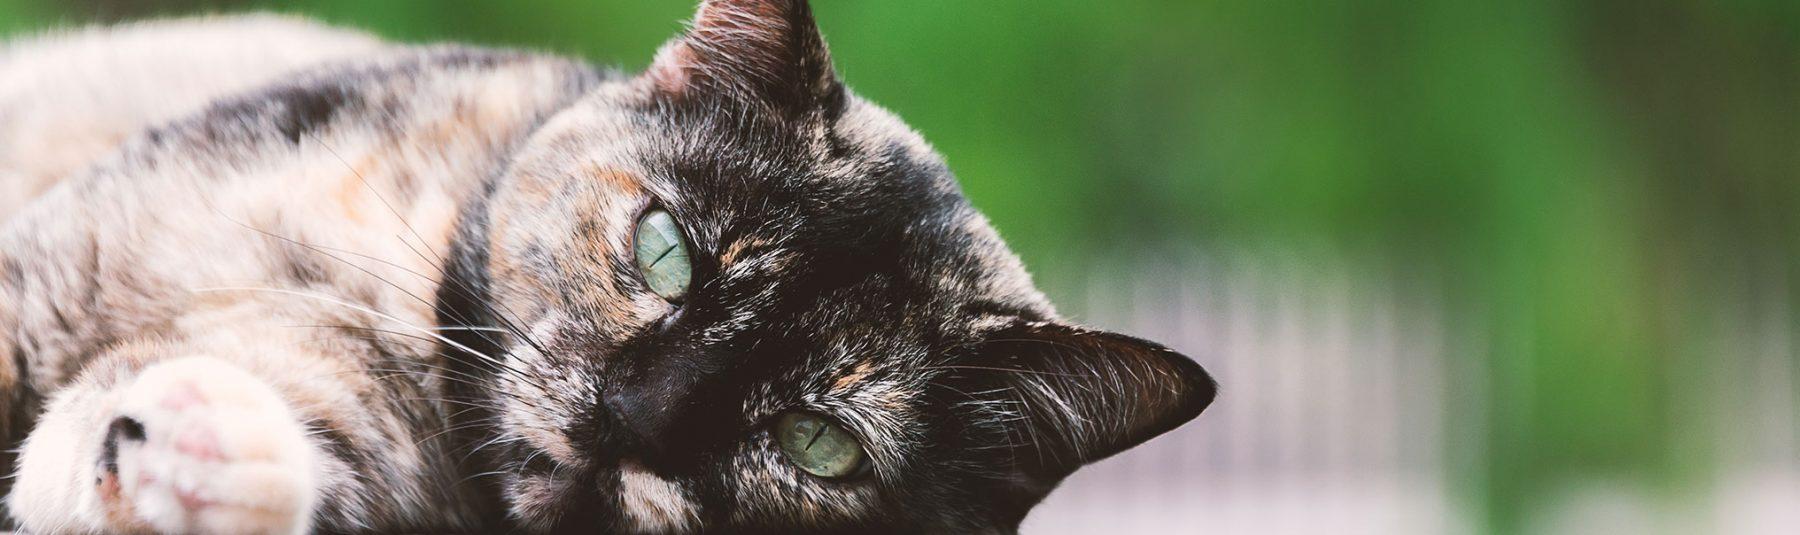 cat-serivces